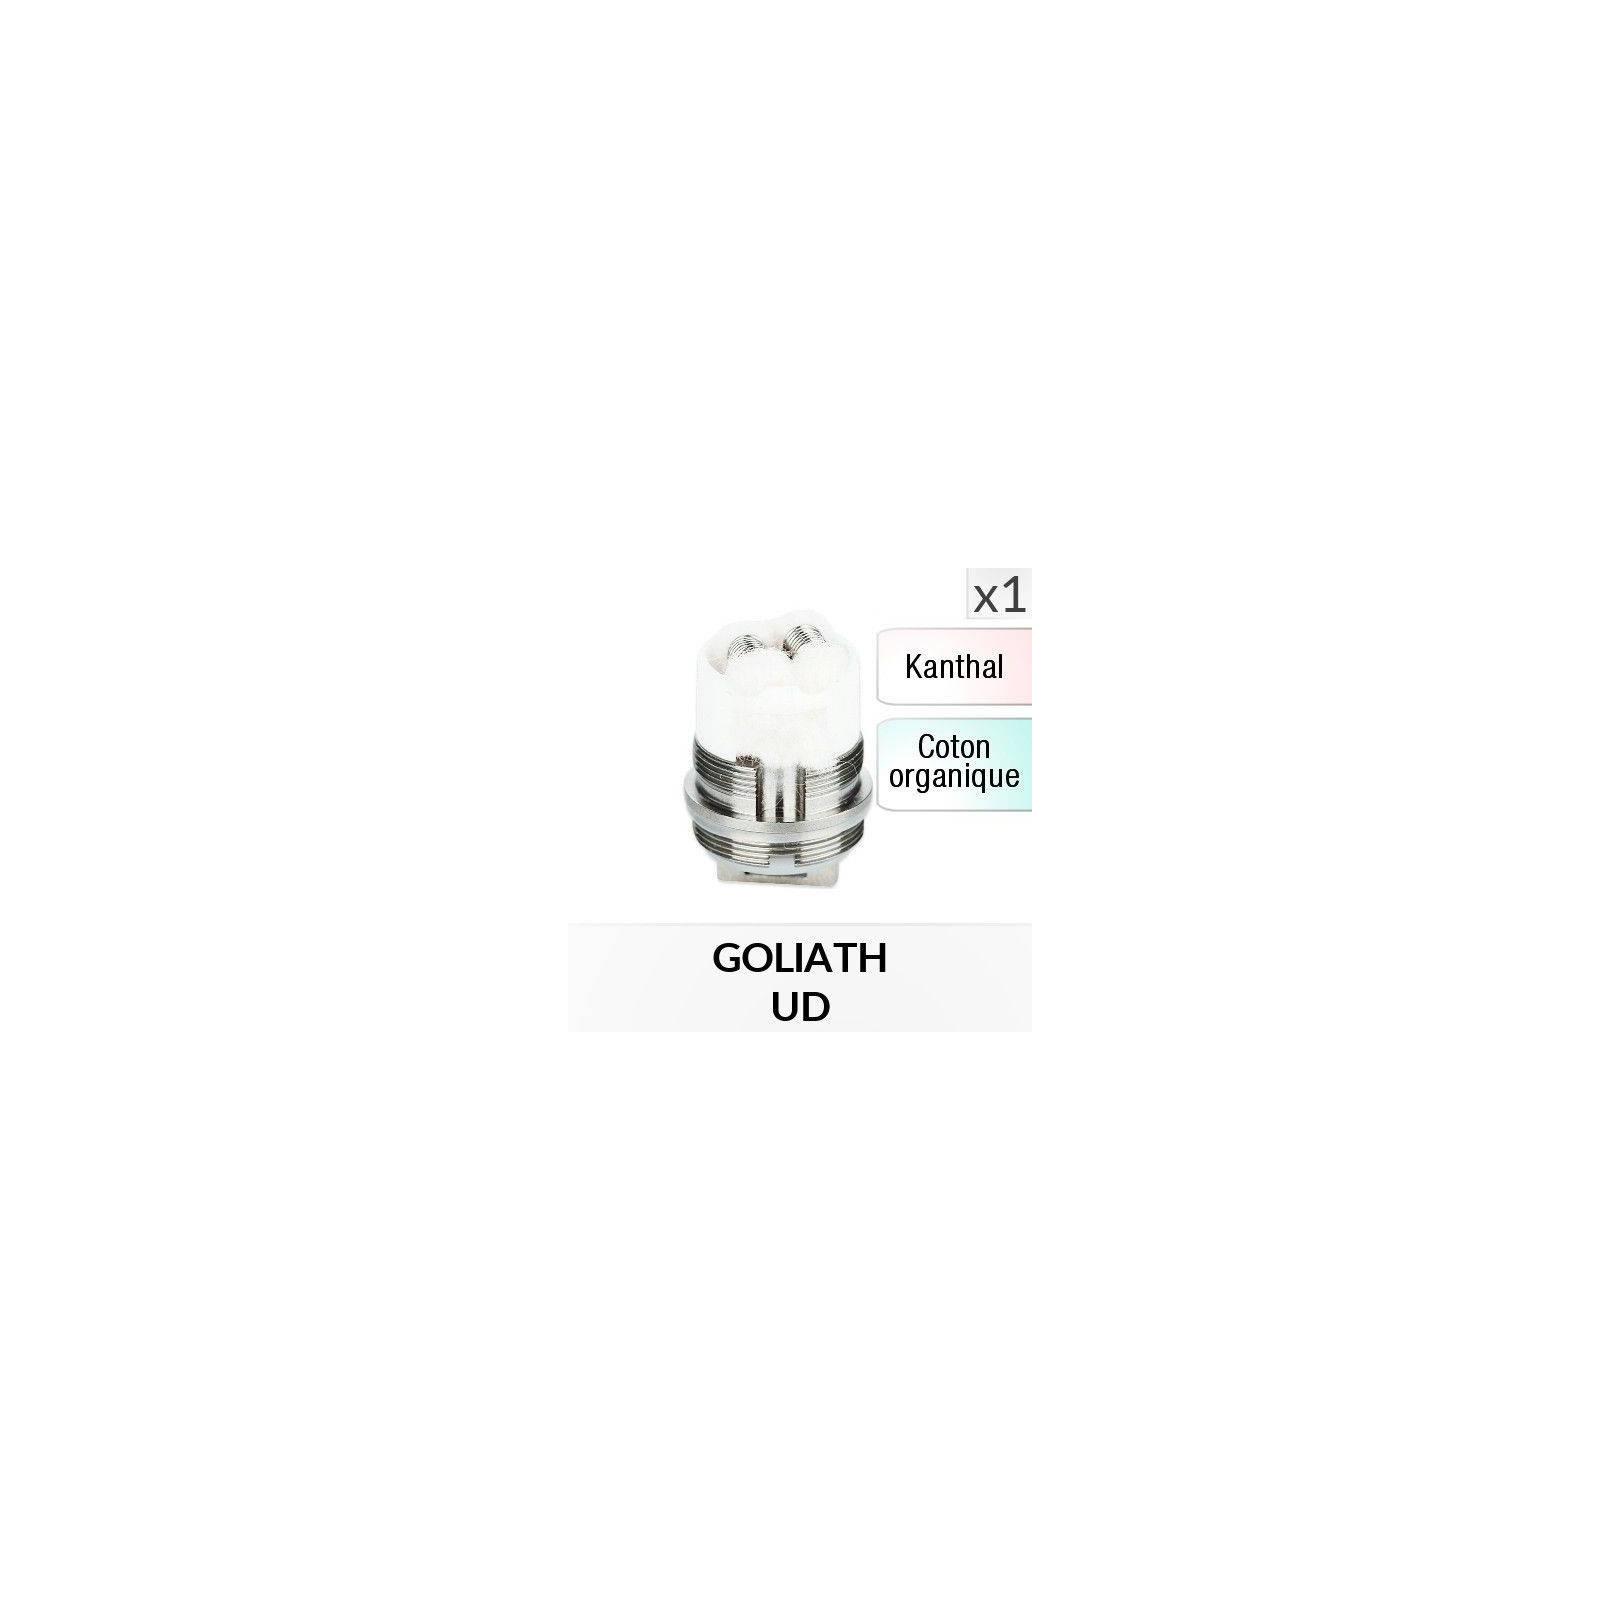 Résistance ROCC Goliath V2 - 1 Pièce - YOUDE